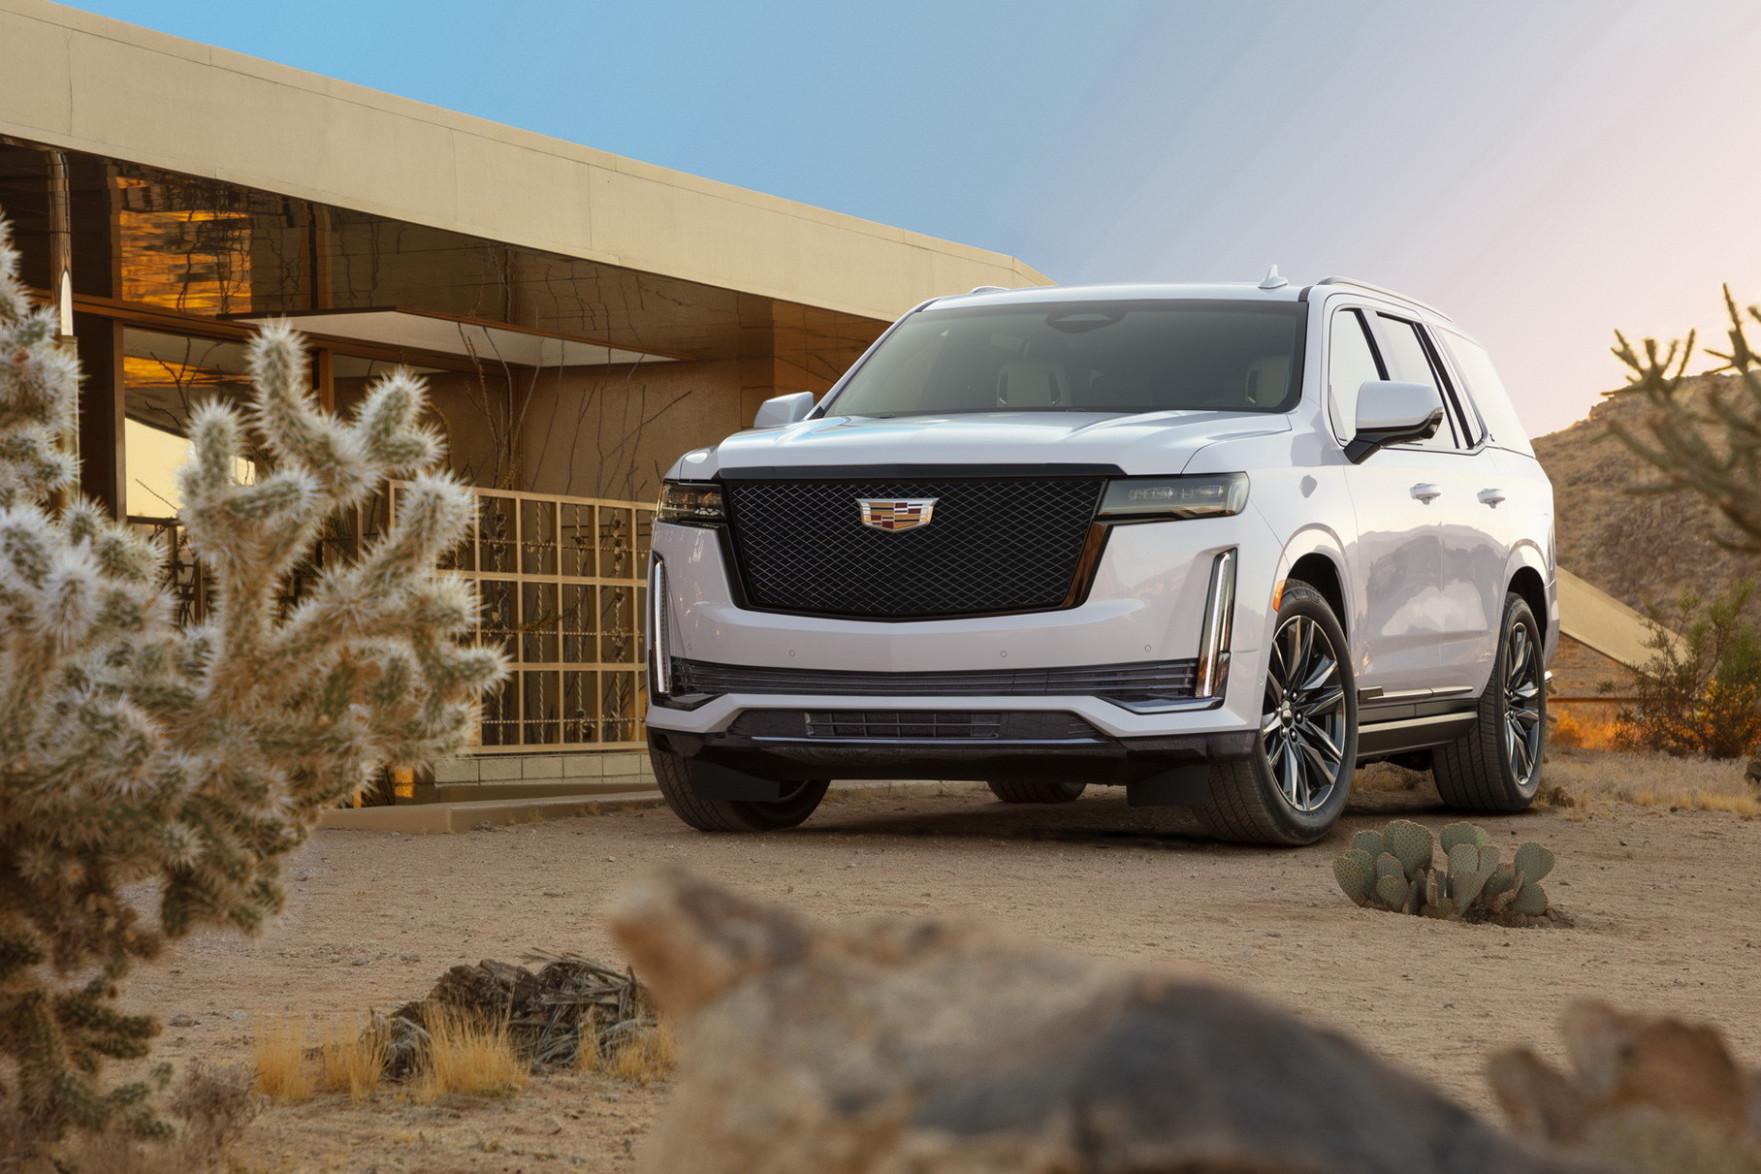 Release 2022 Cadillac Escalade Video